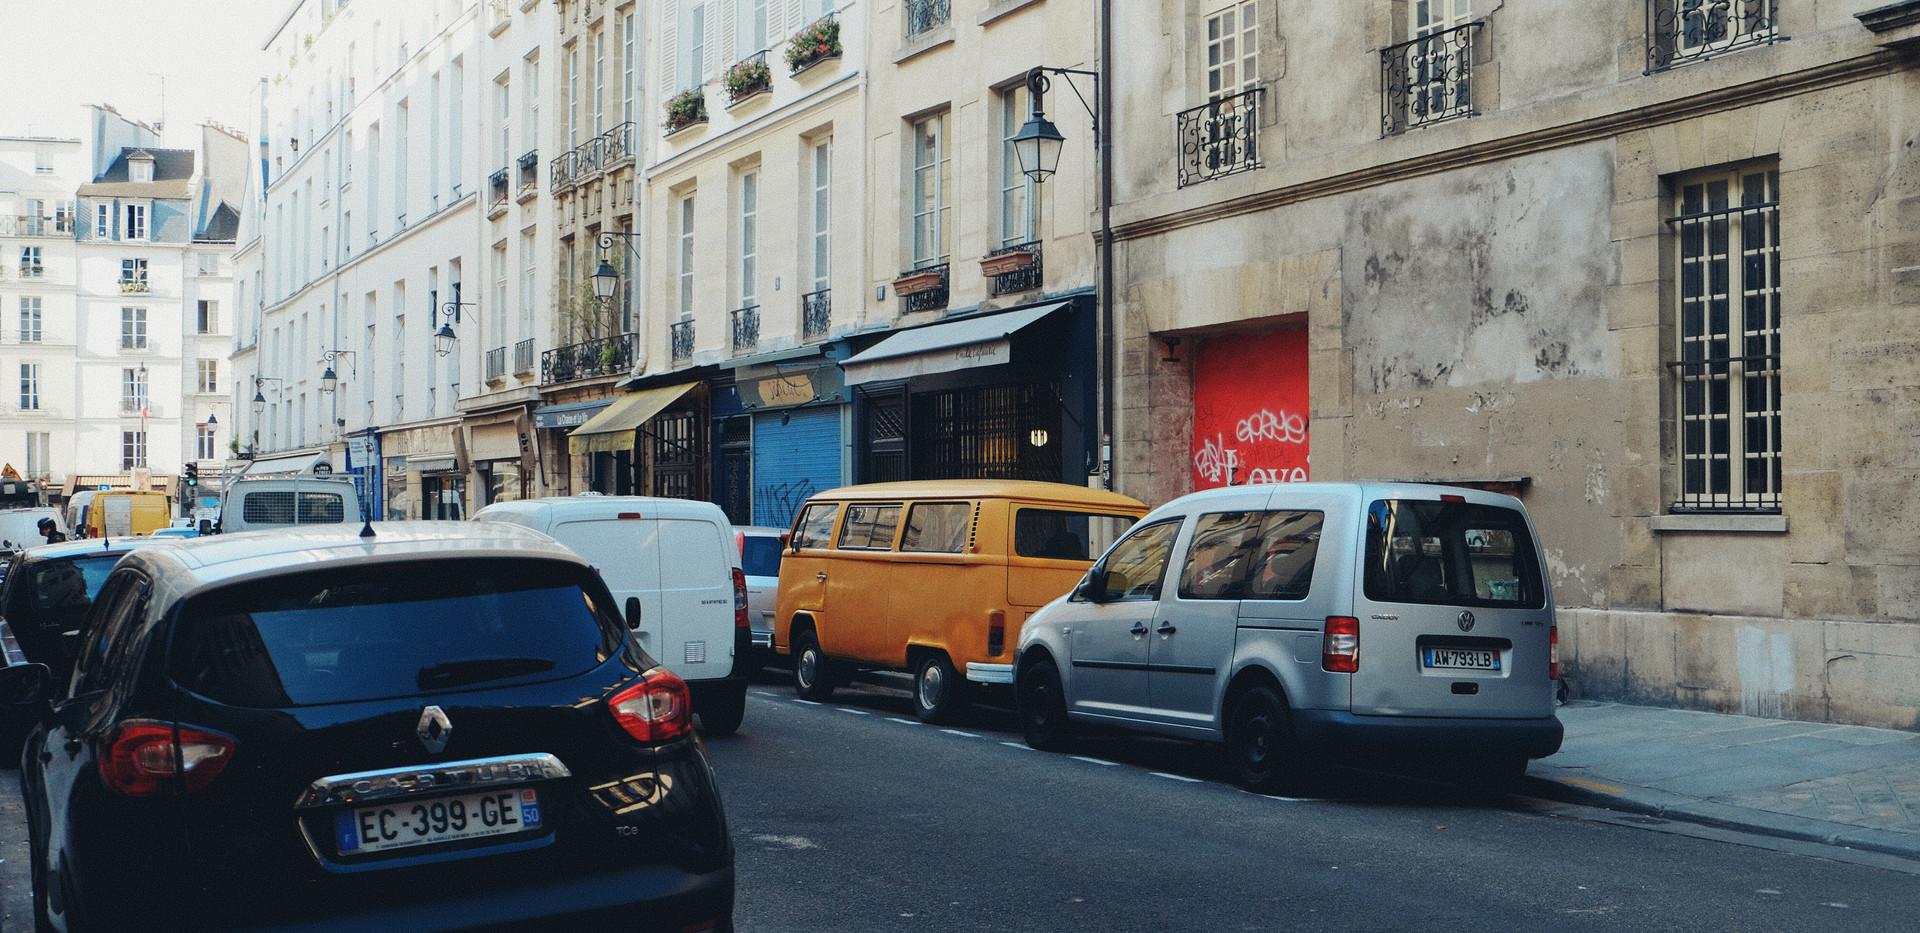 파리에서 자연스럽게 그리기 _ 가로 포스터 _ 08.jpg